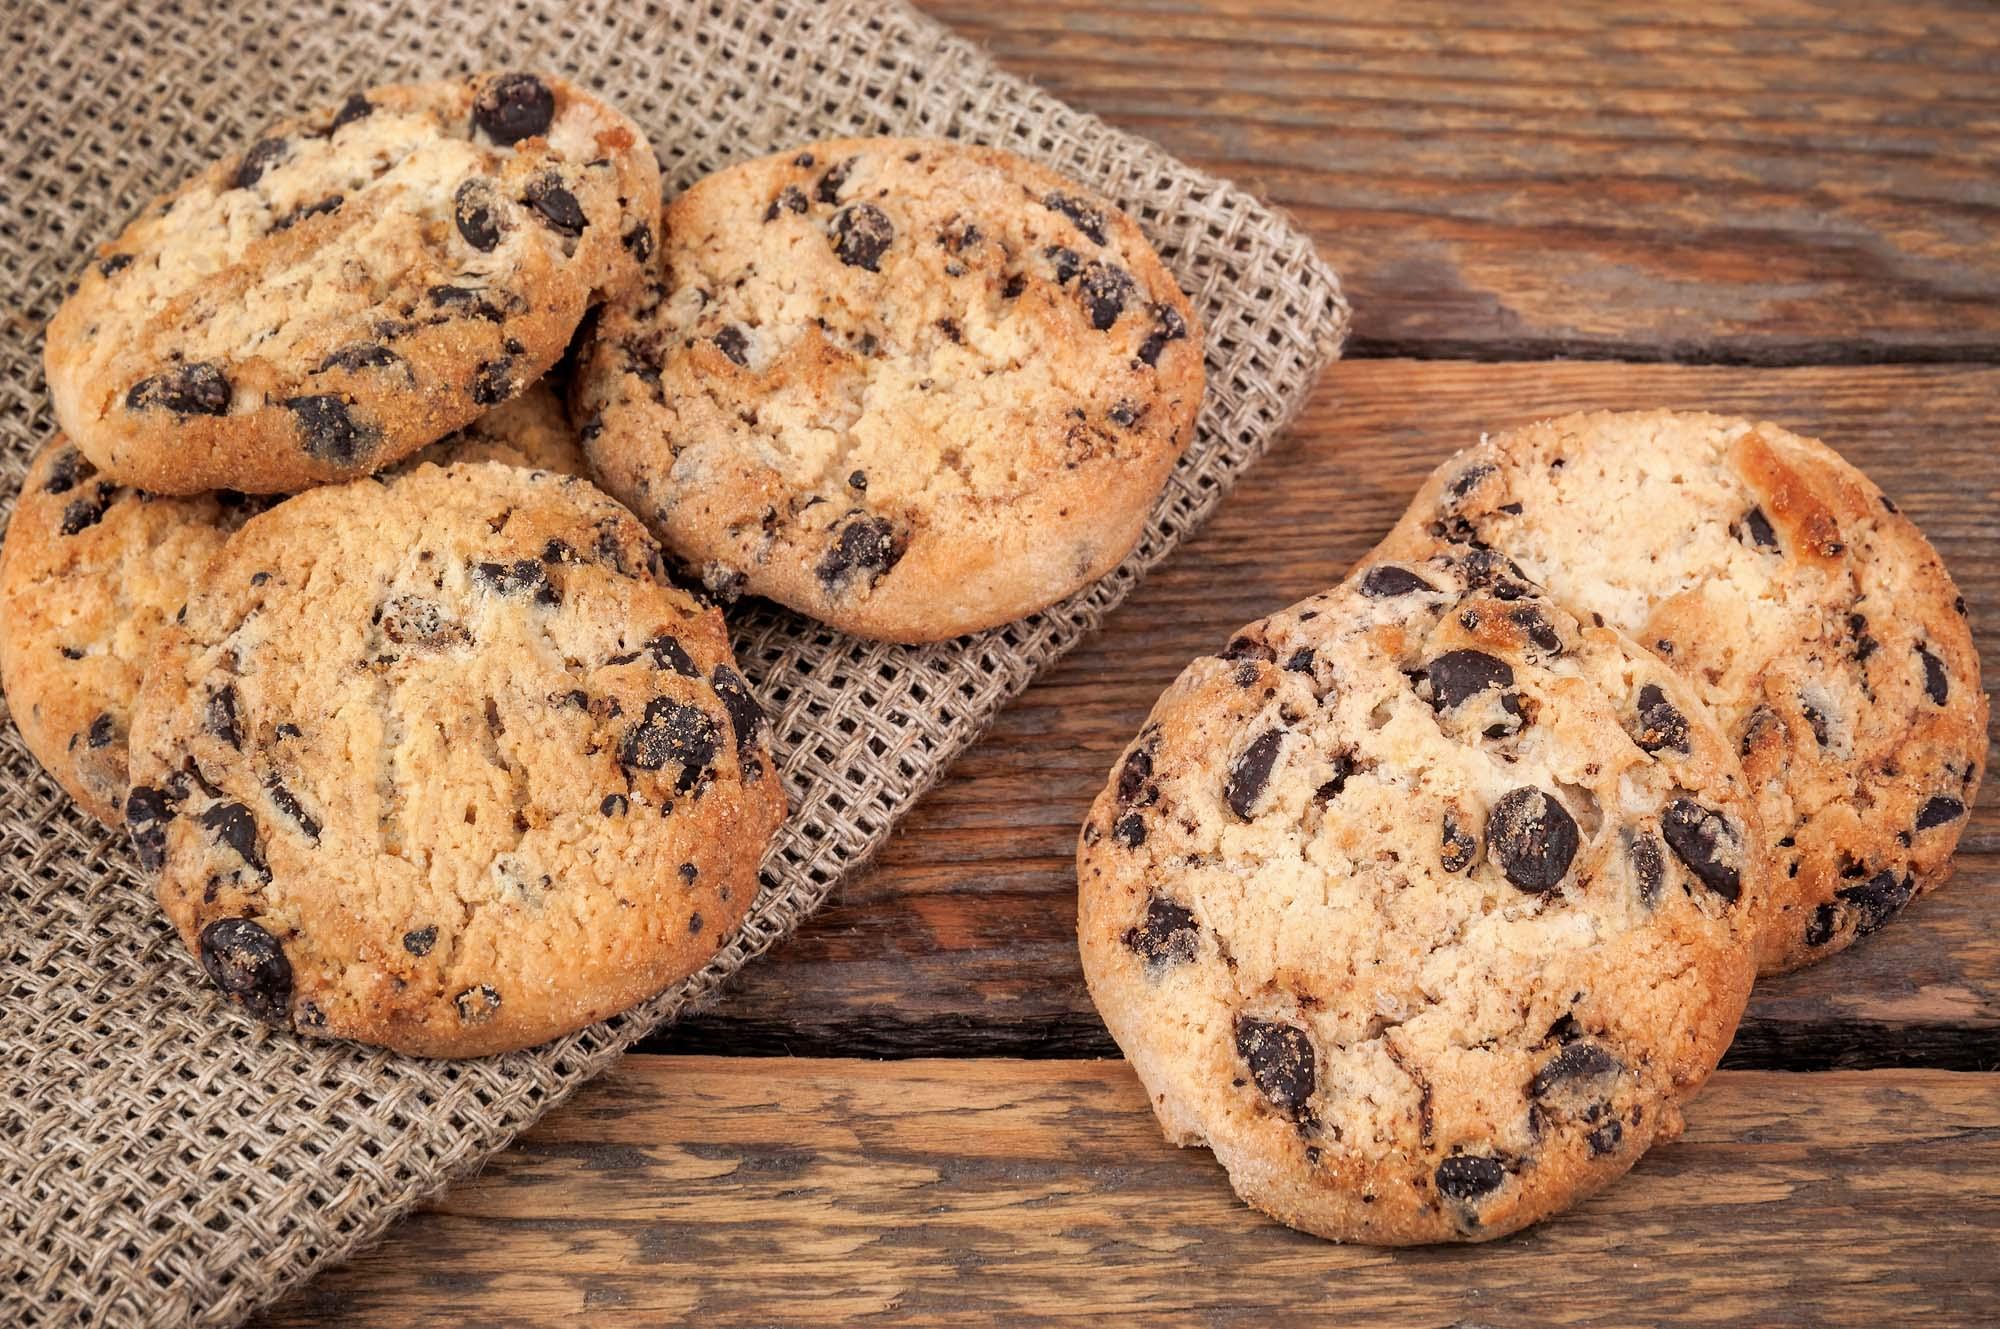 Bedstes småkager